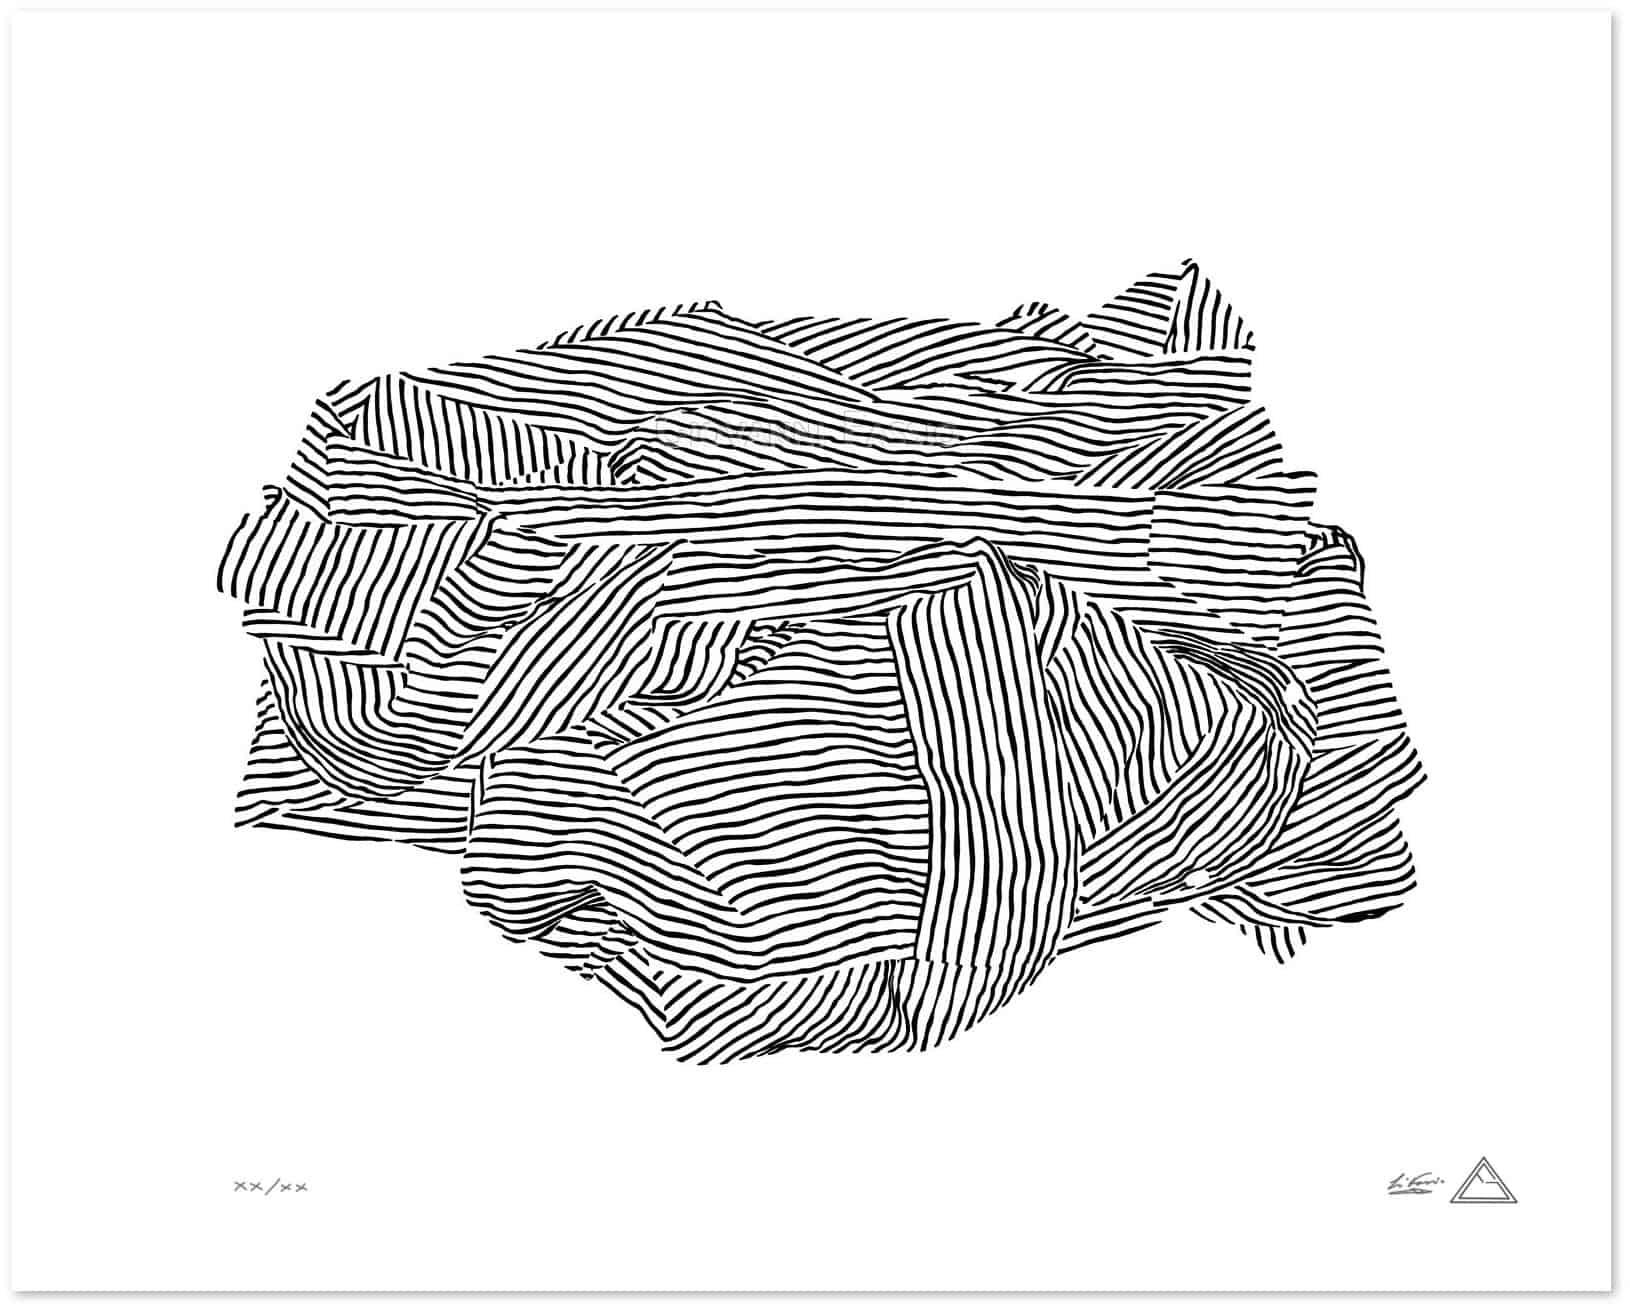 Untitled-giovanni-fassio-1976-shadow.jpg